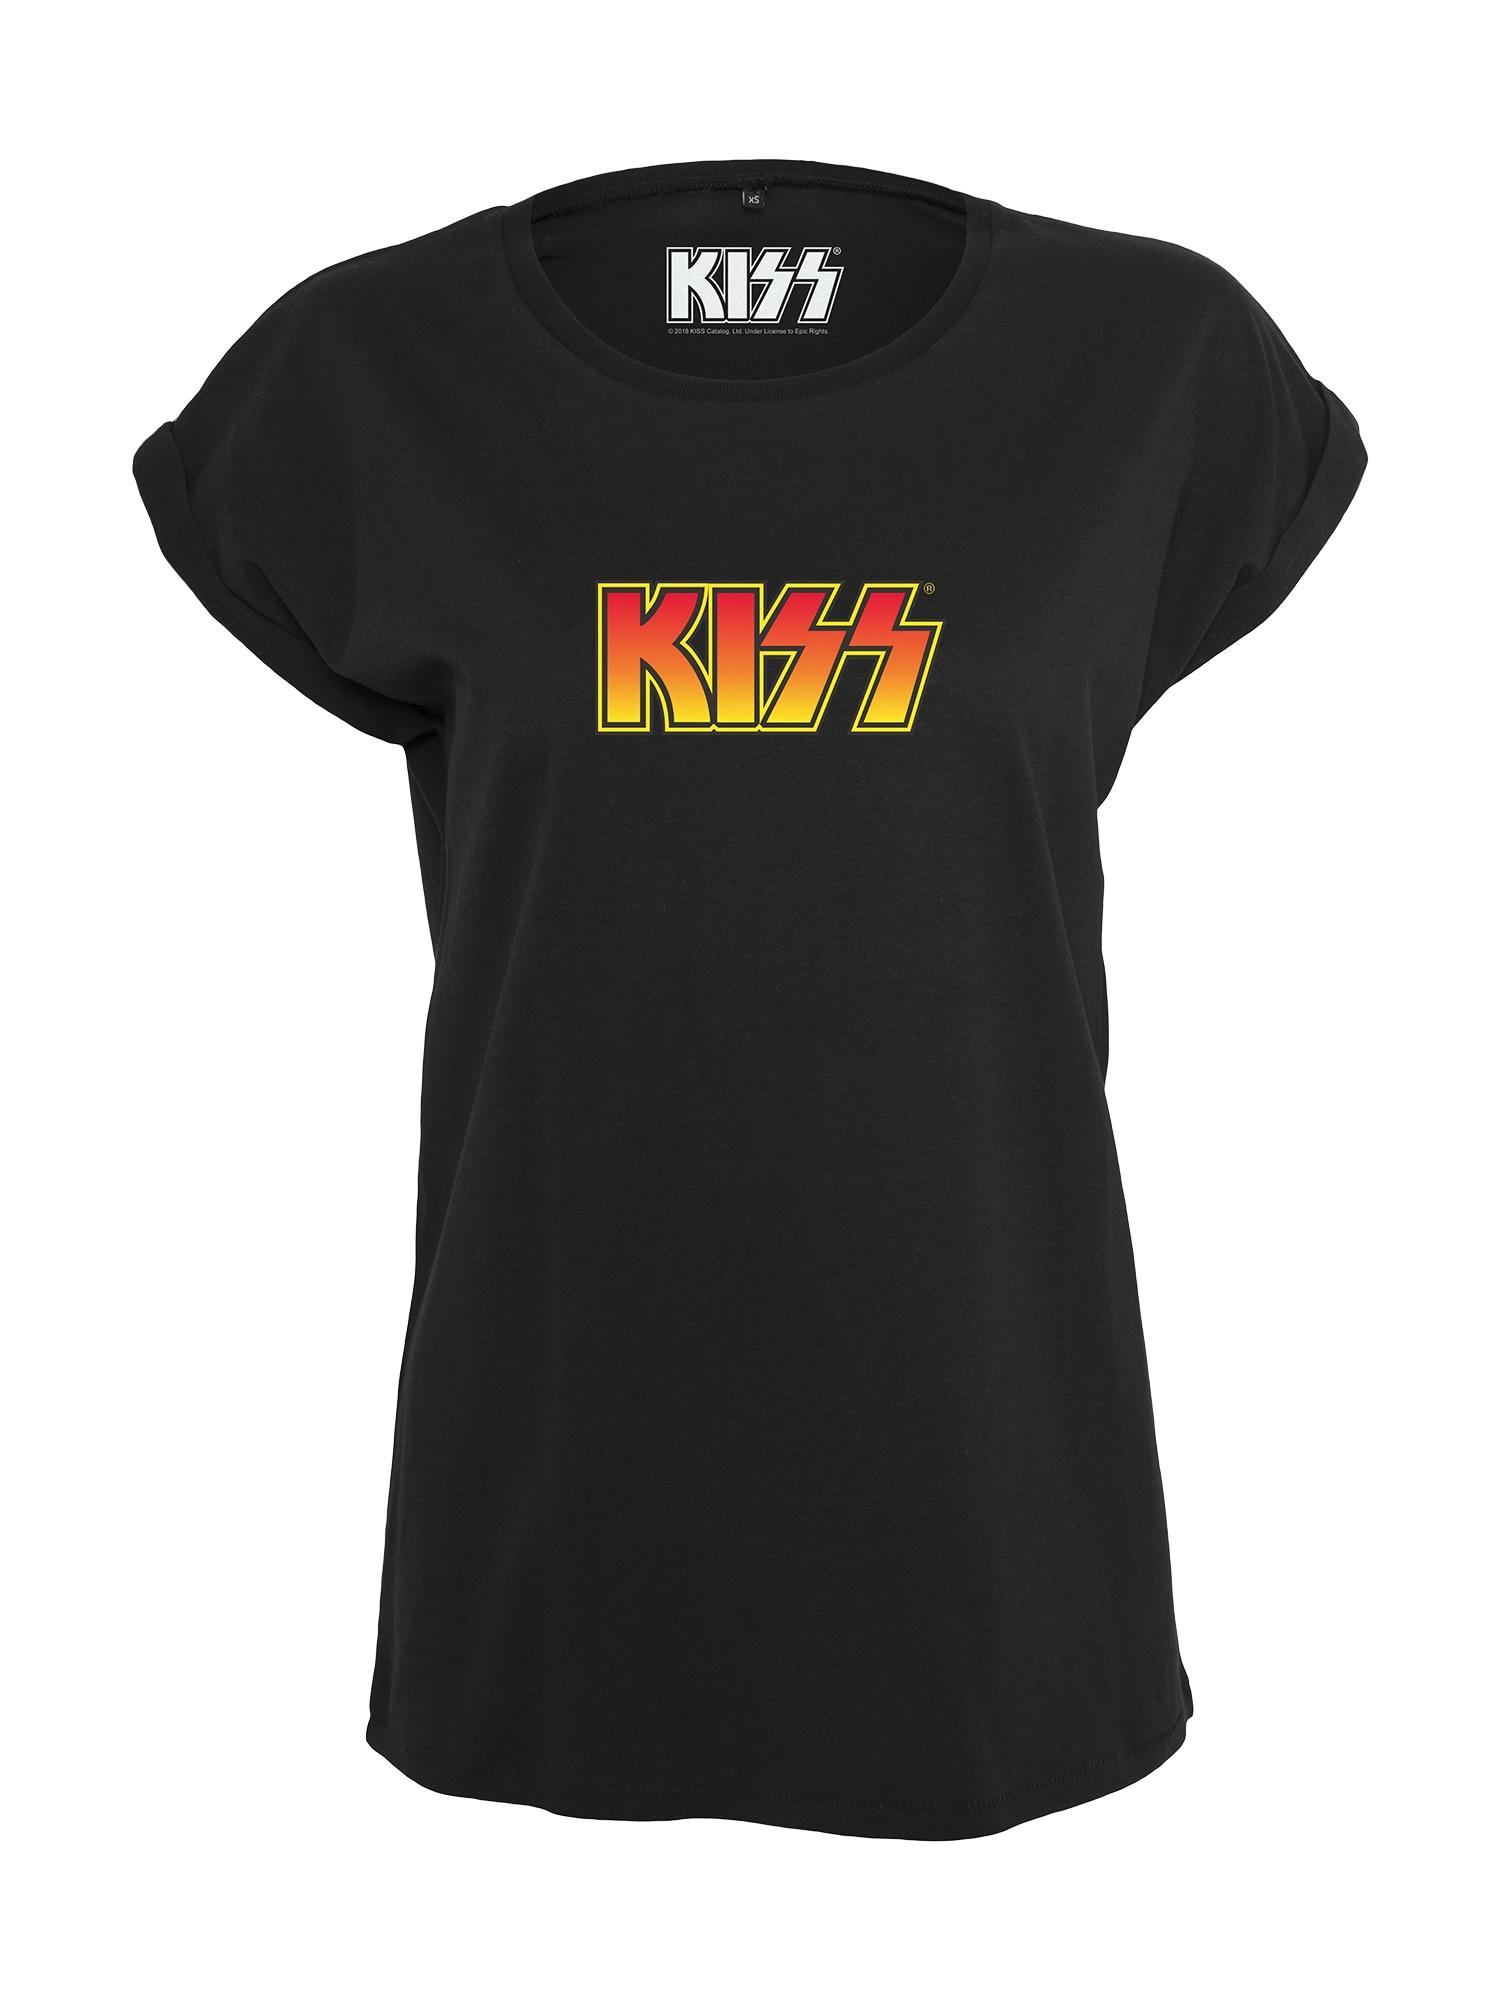 Tričko Kiss žlutá červená černá Merchcode